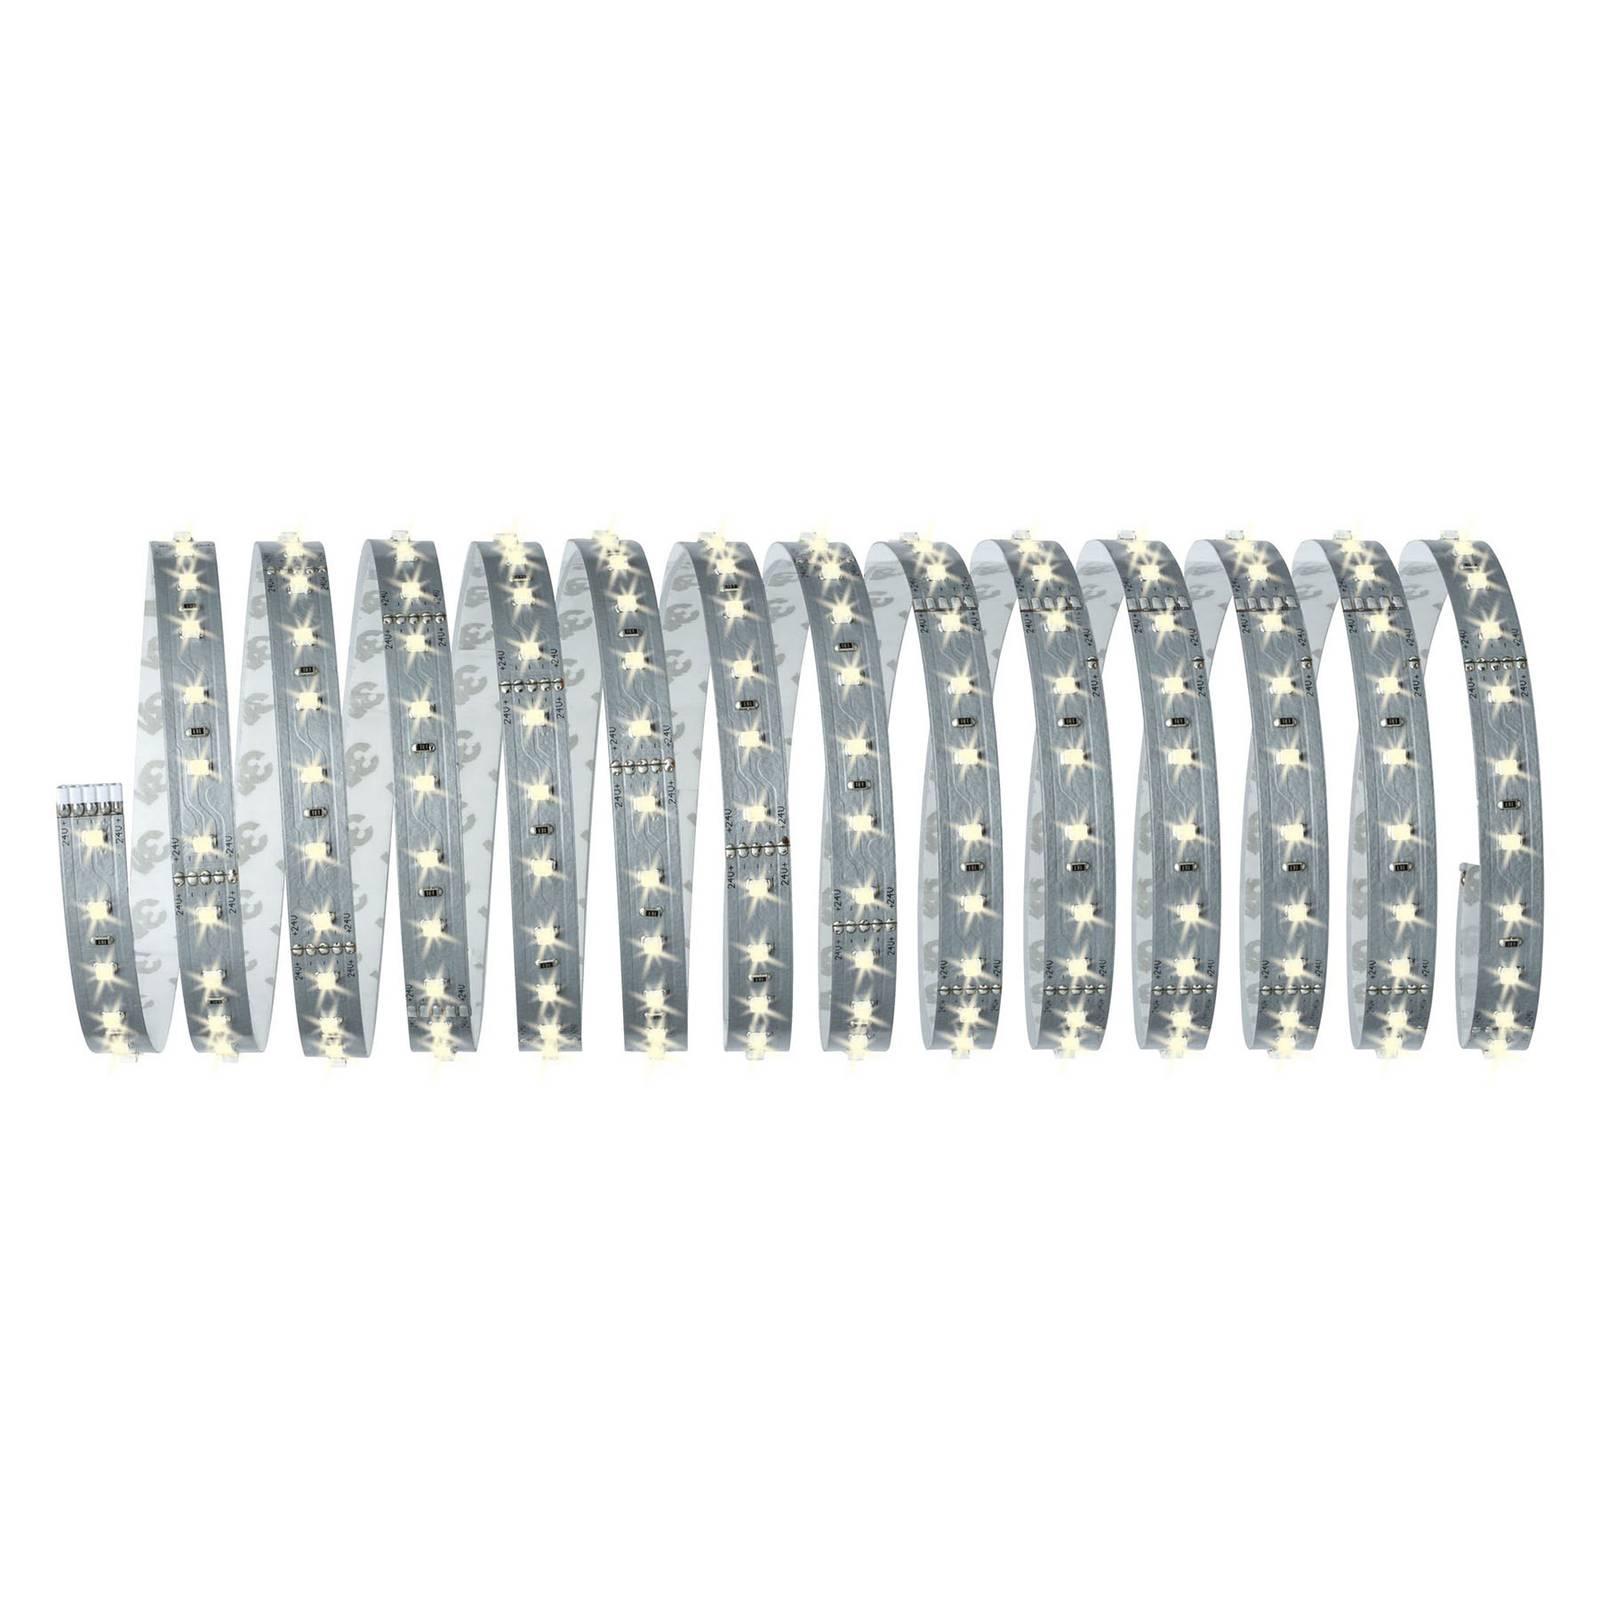 Paulmann MaxLED 500 strip LED set base, 5m, 2.700K